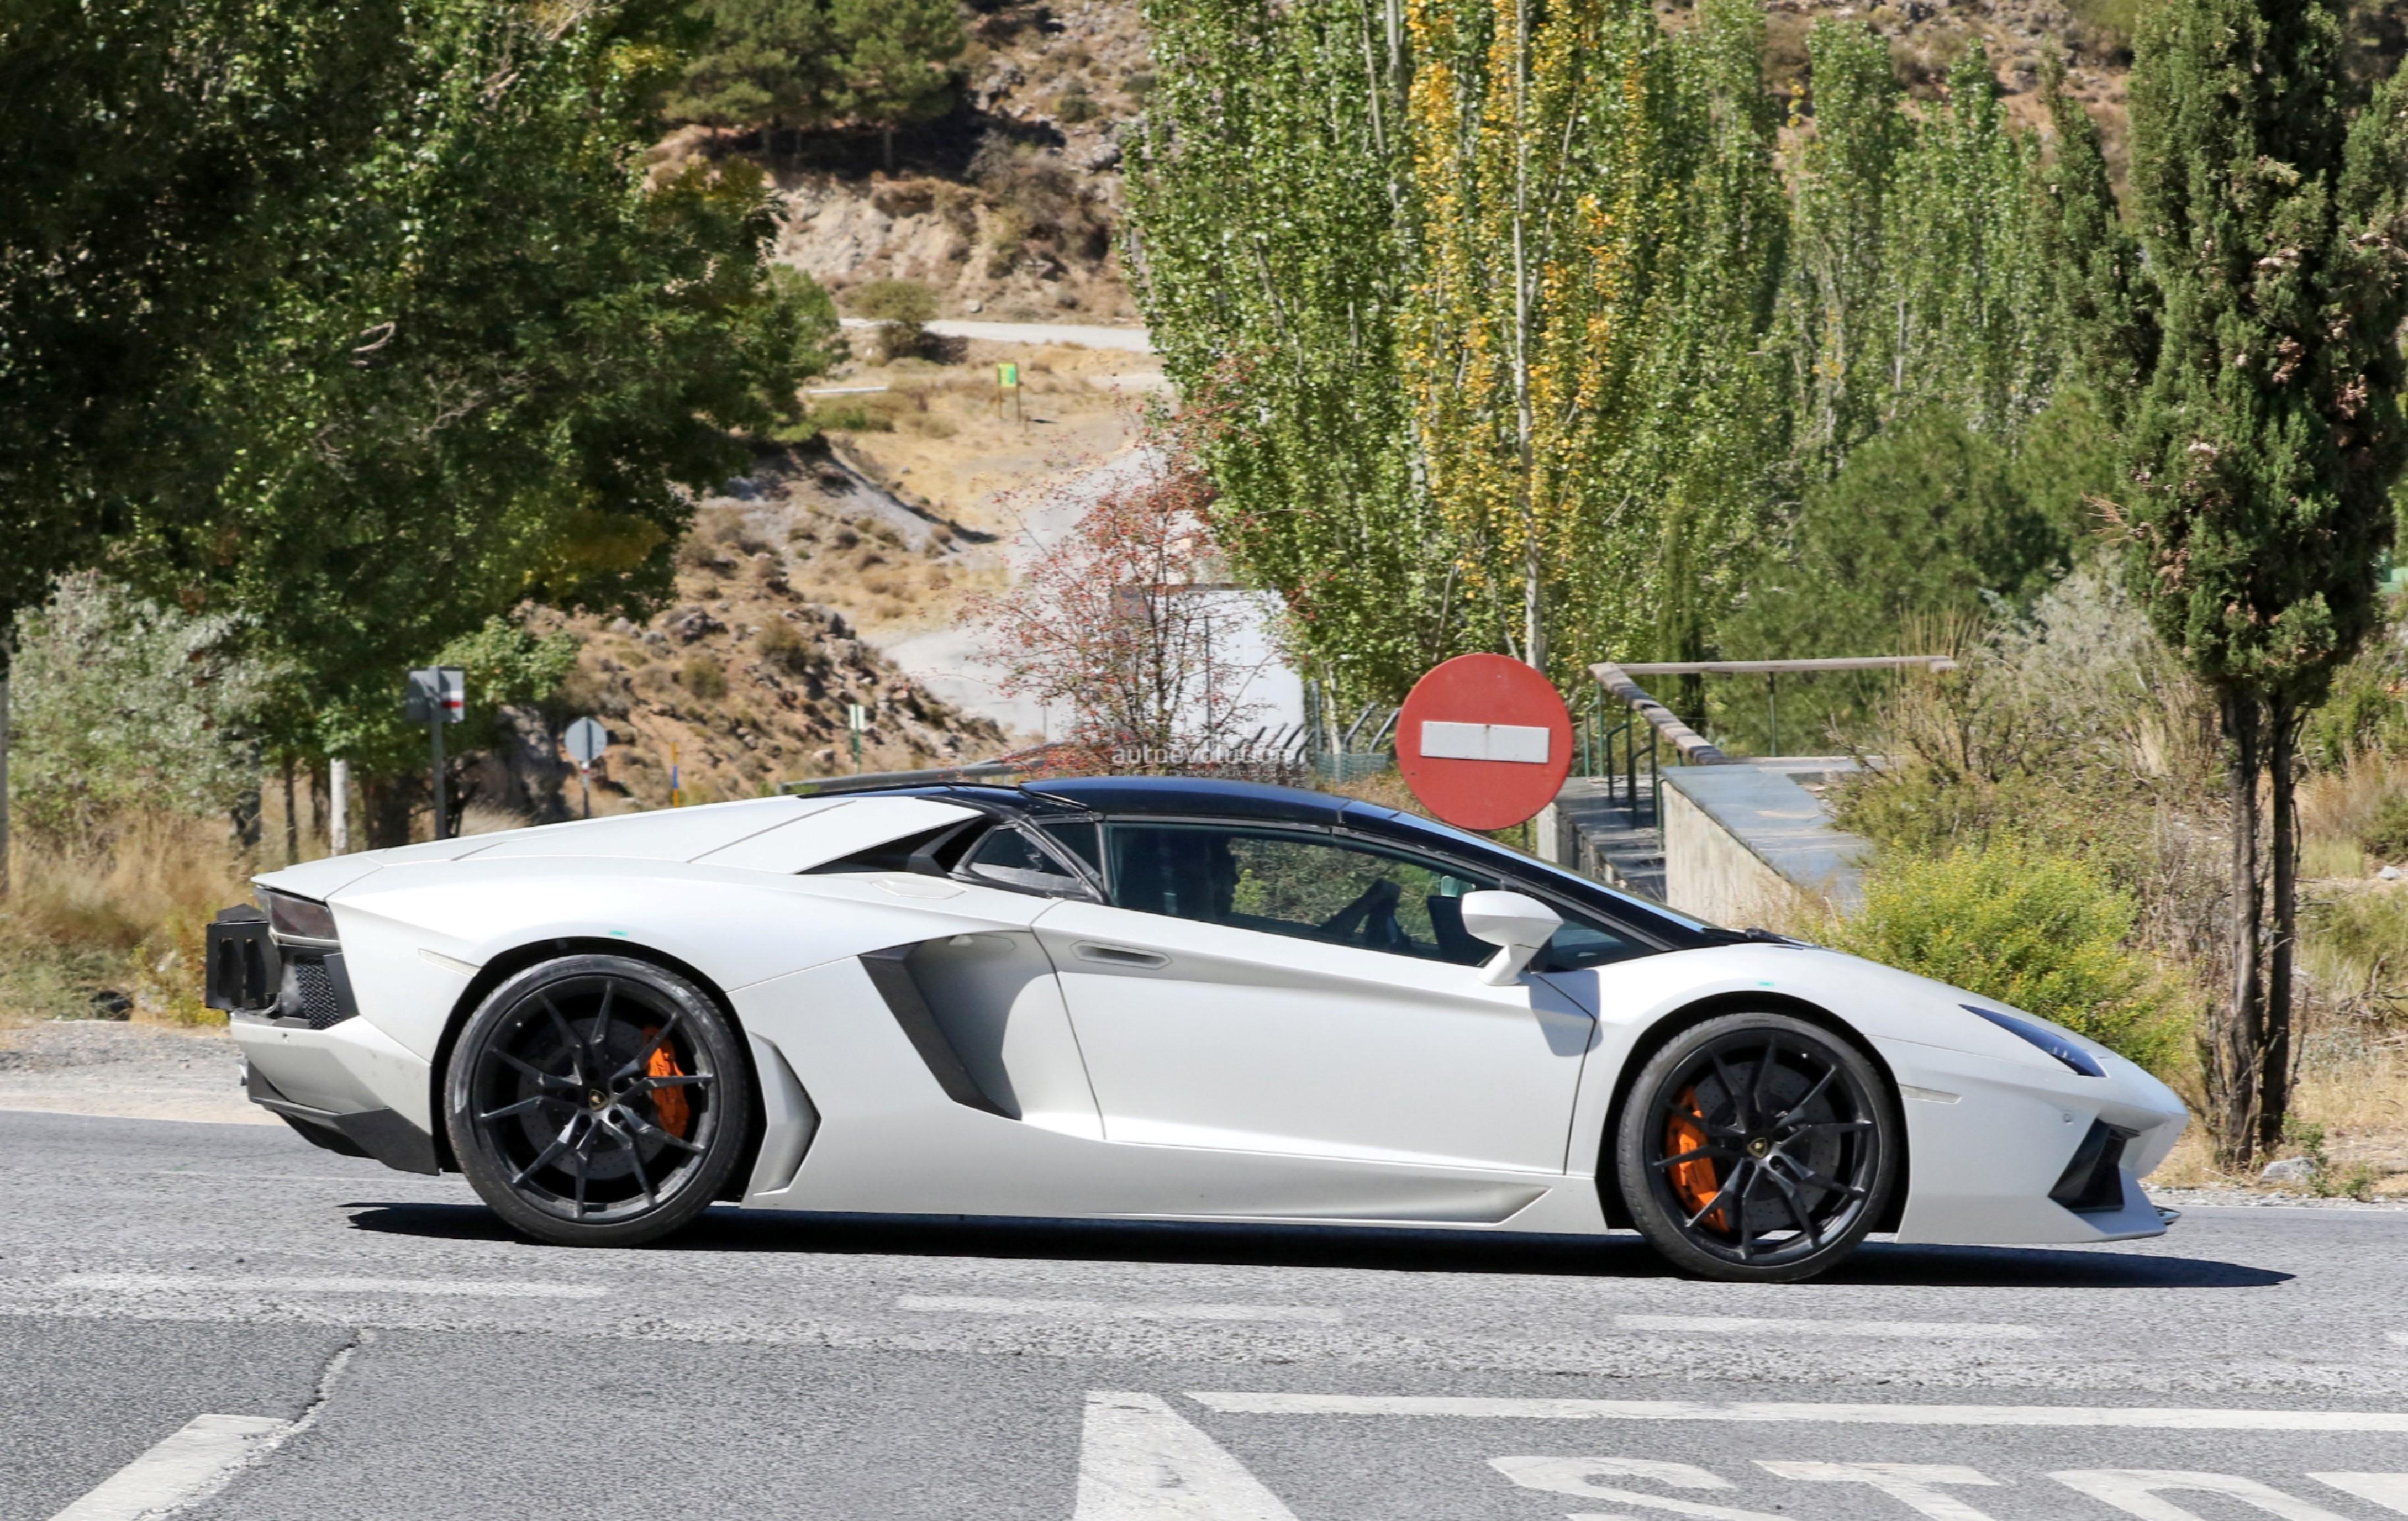 Lamborghini Aventador Svj Spied With Aggressive Aero Gets Closer To Production Autoevolution